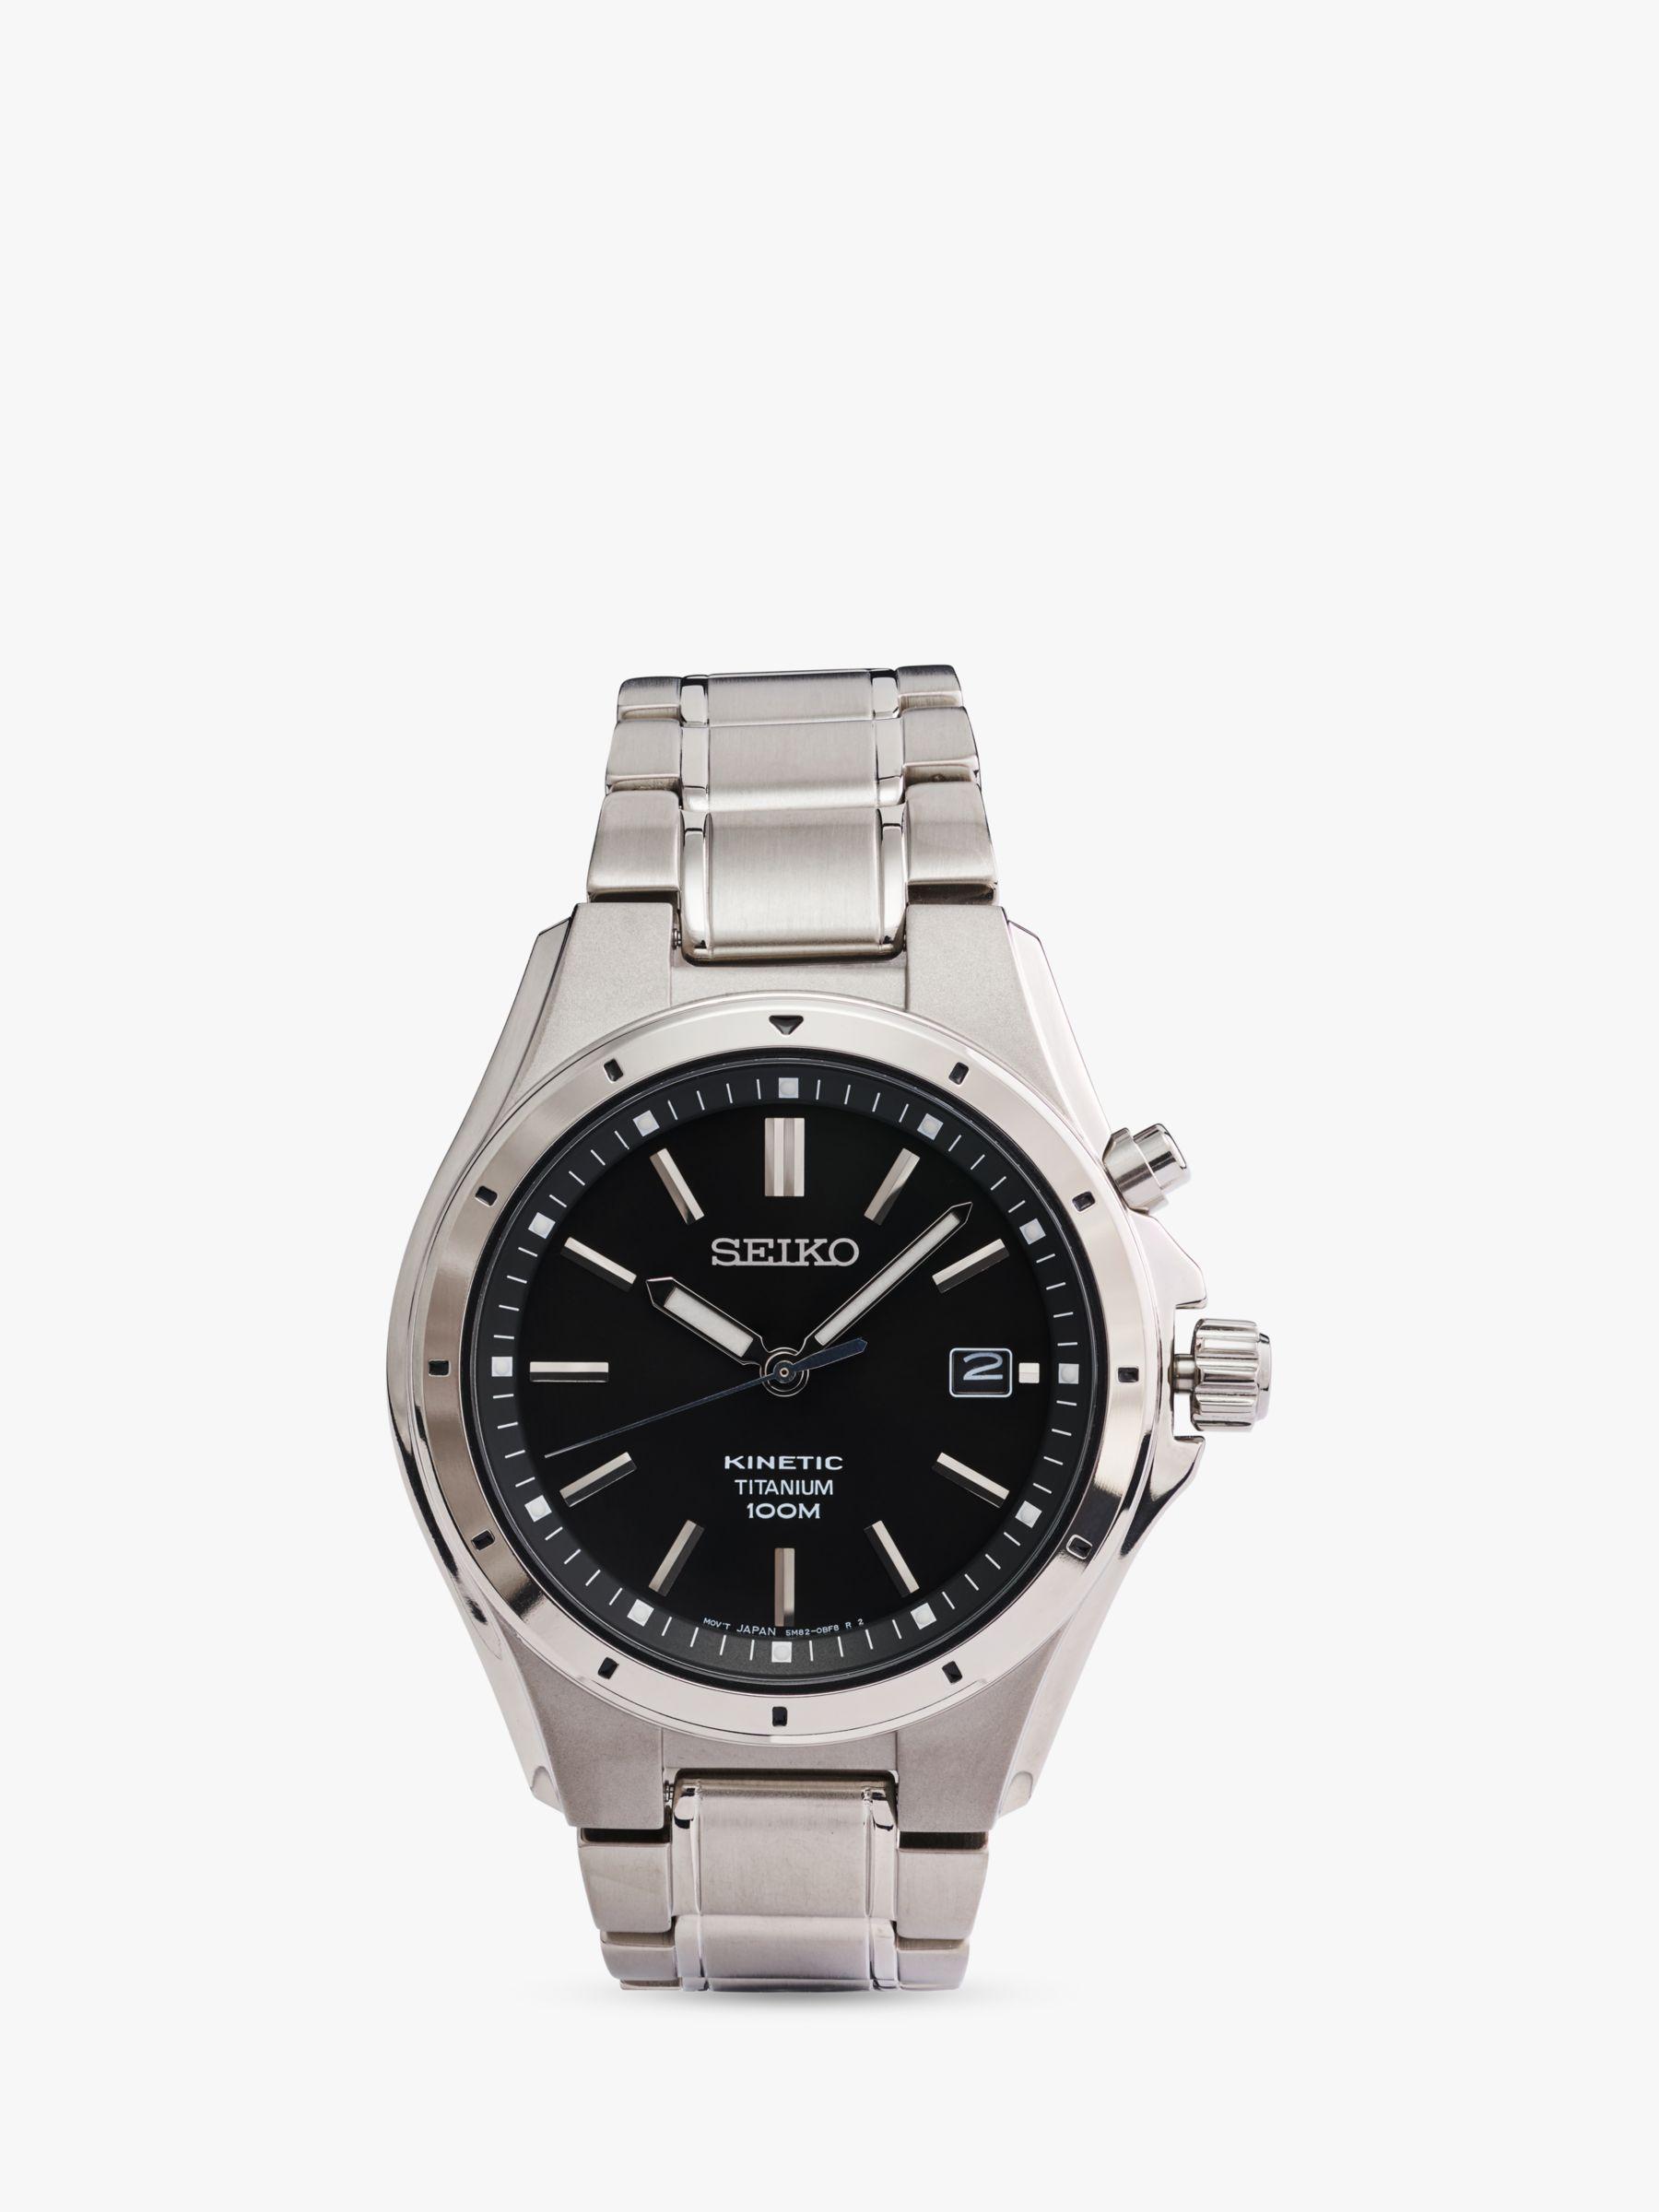 Seiko Seiko Men's Kinetic Date Bracelet Strap Watch, Silver/Black SKA763P1